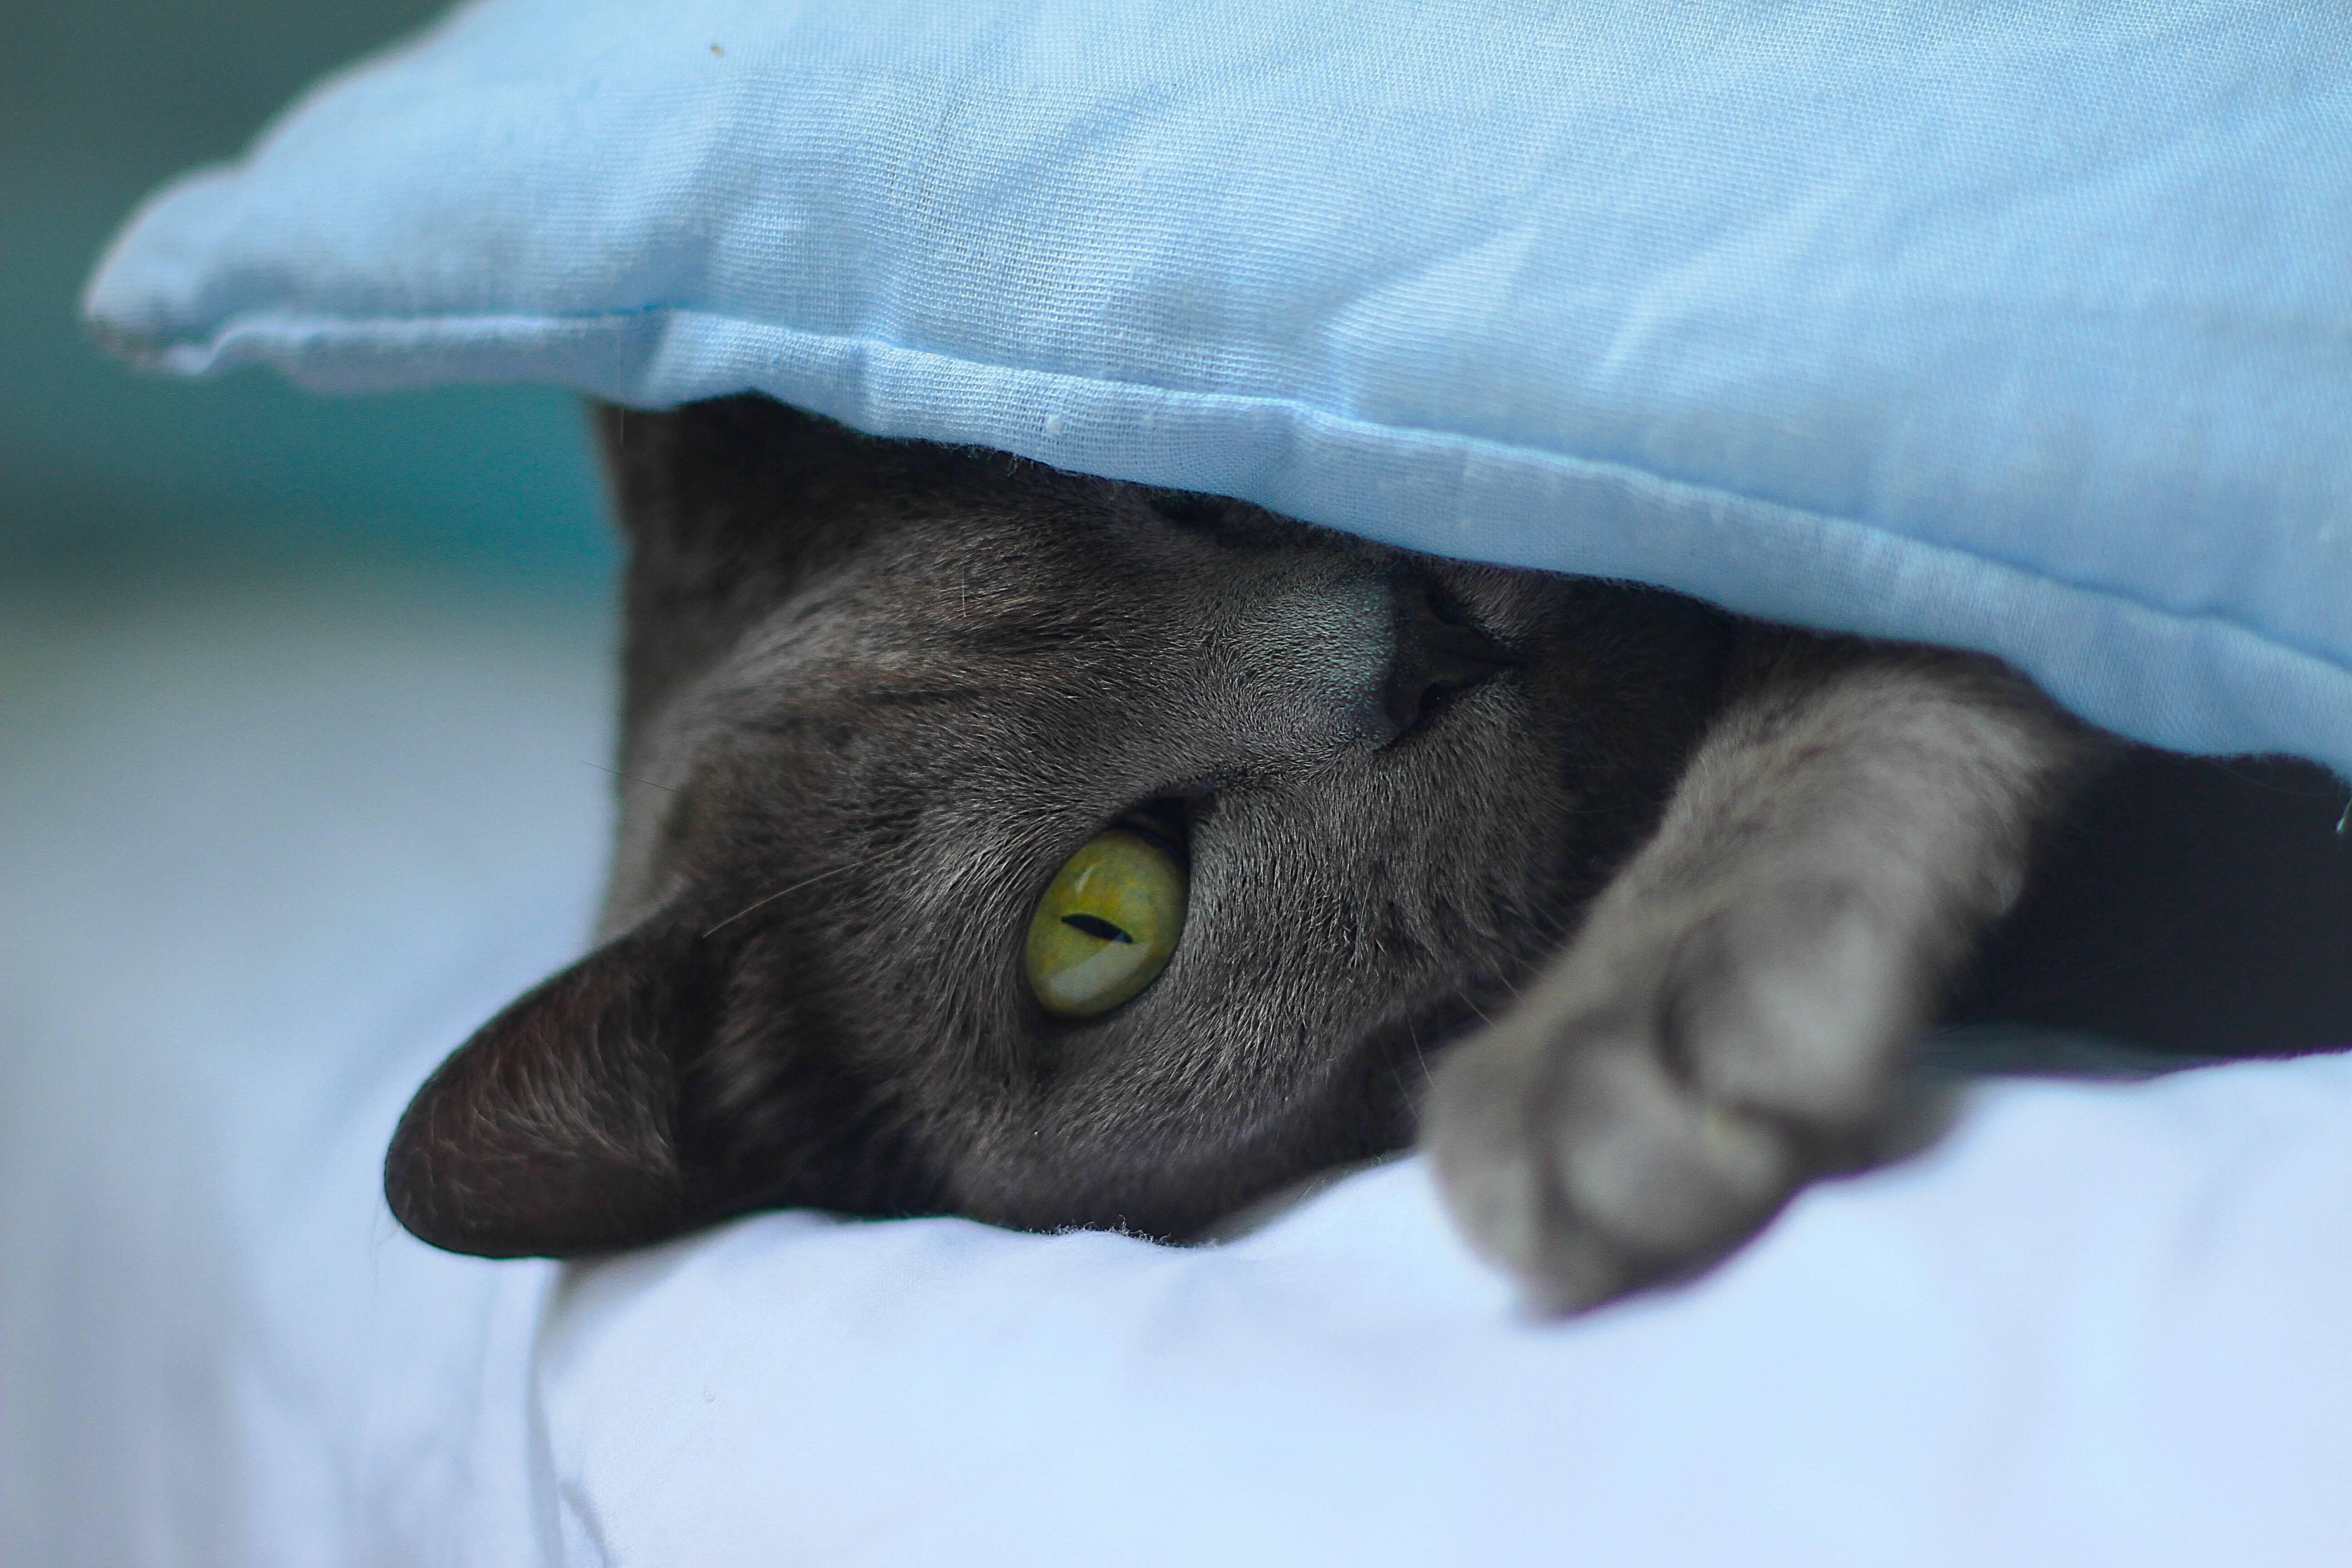 Lendas dizem que os Korat trazem boa sorte a quem ganha um desses gatinhos de presente. Foto: Marko Ganzaro